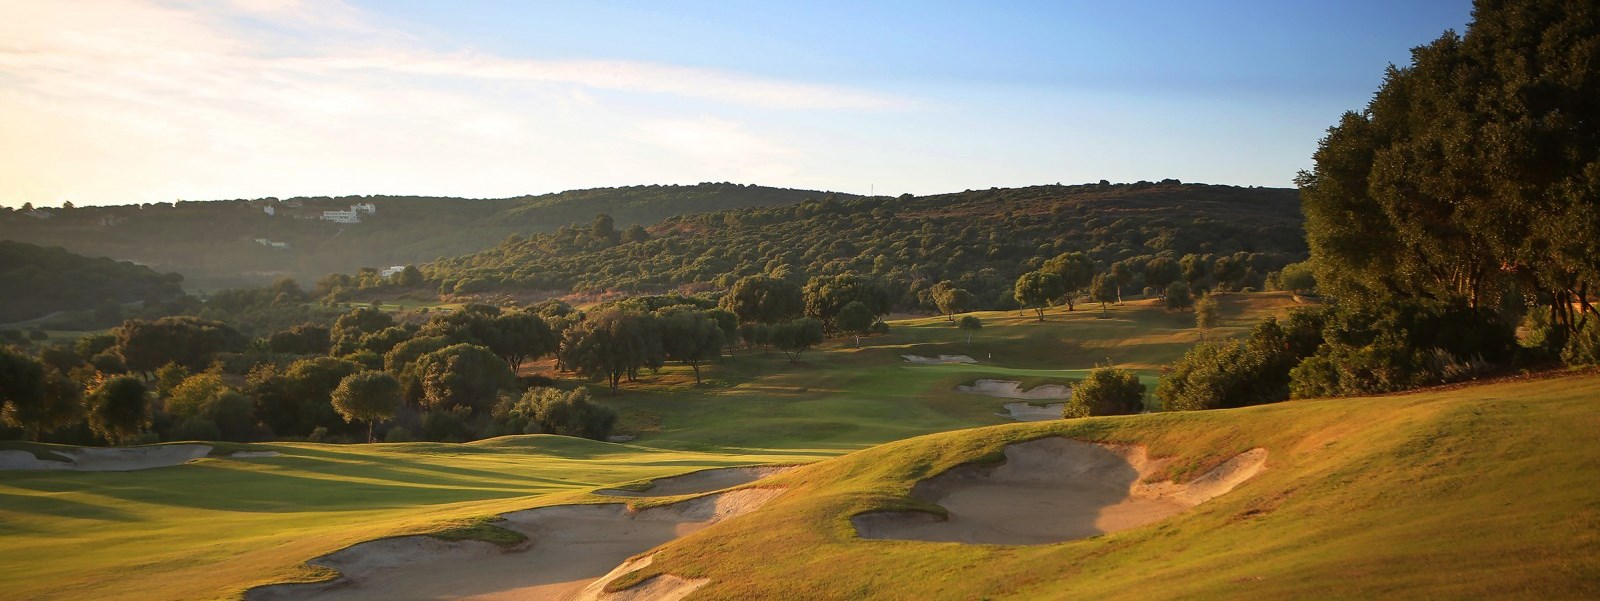 La Reserva Golf, Spain